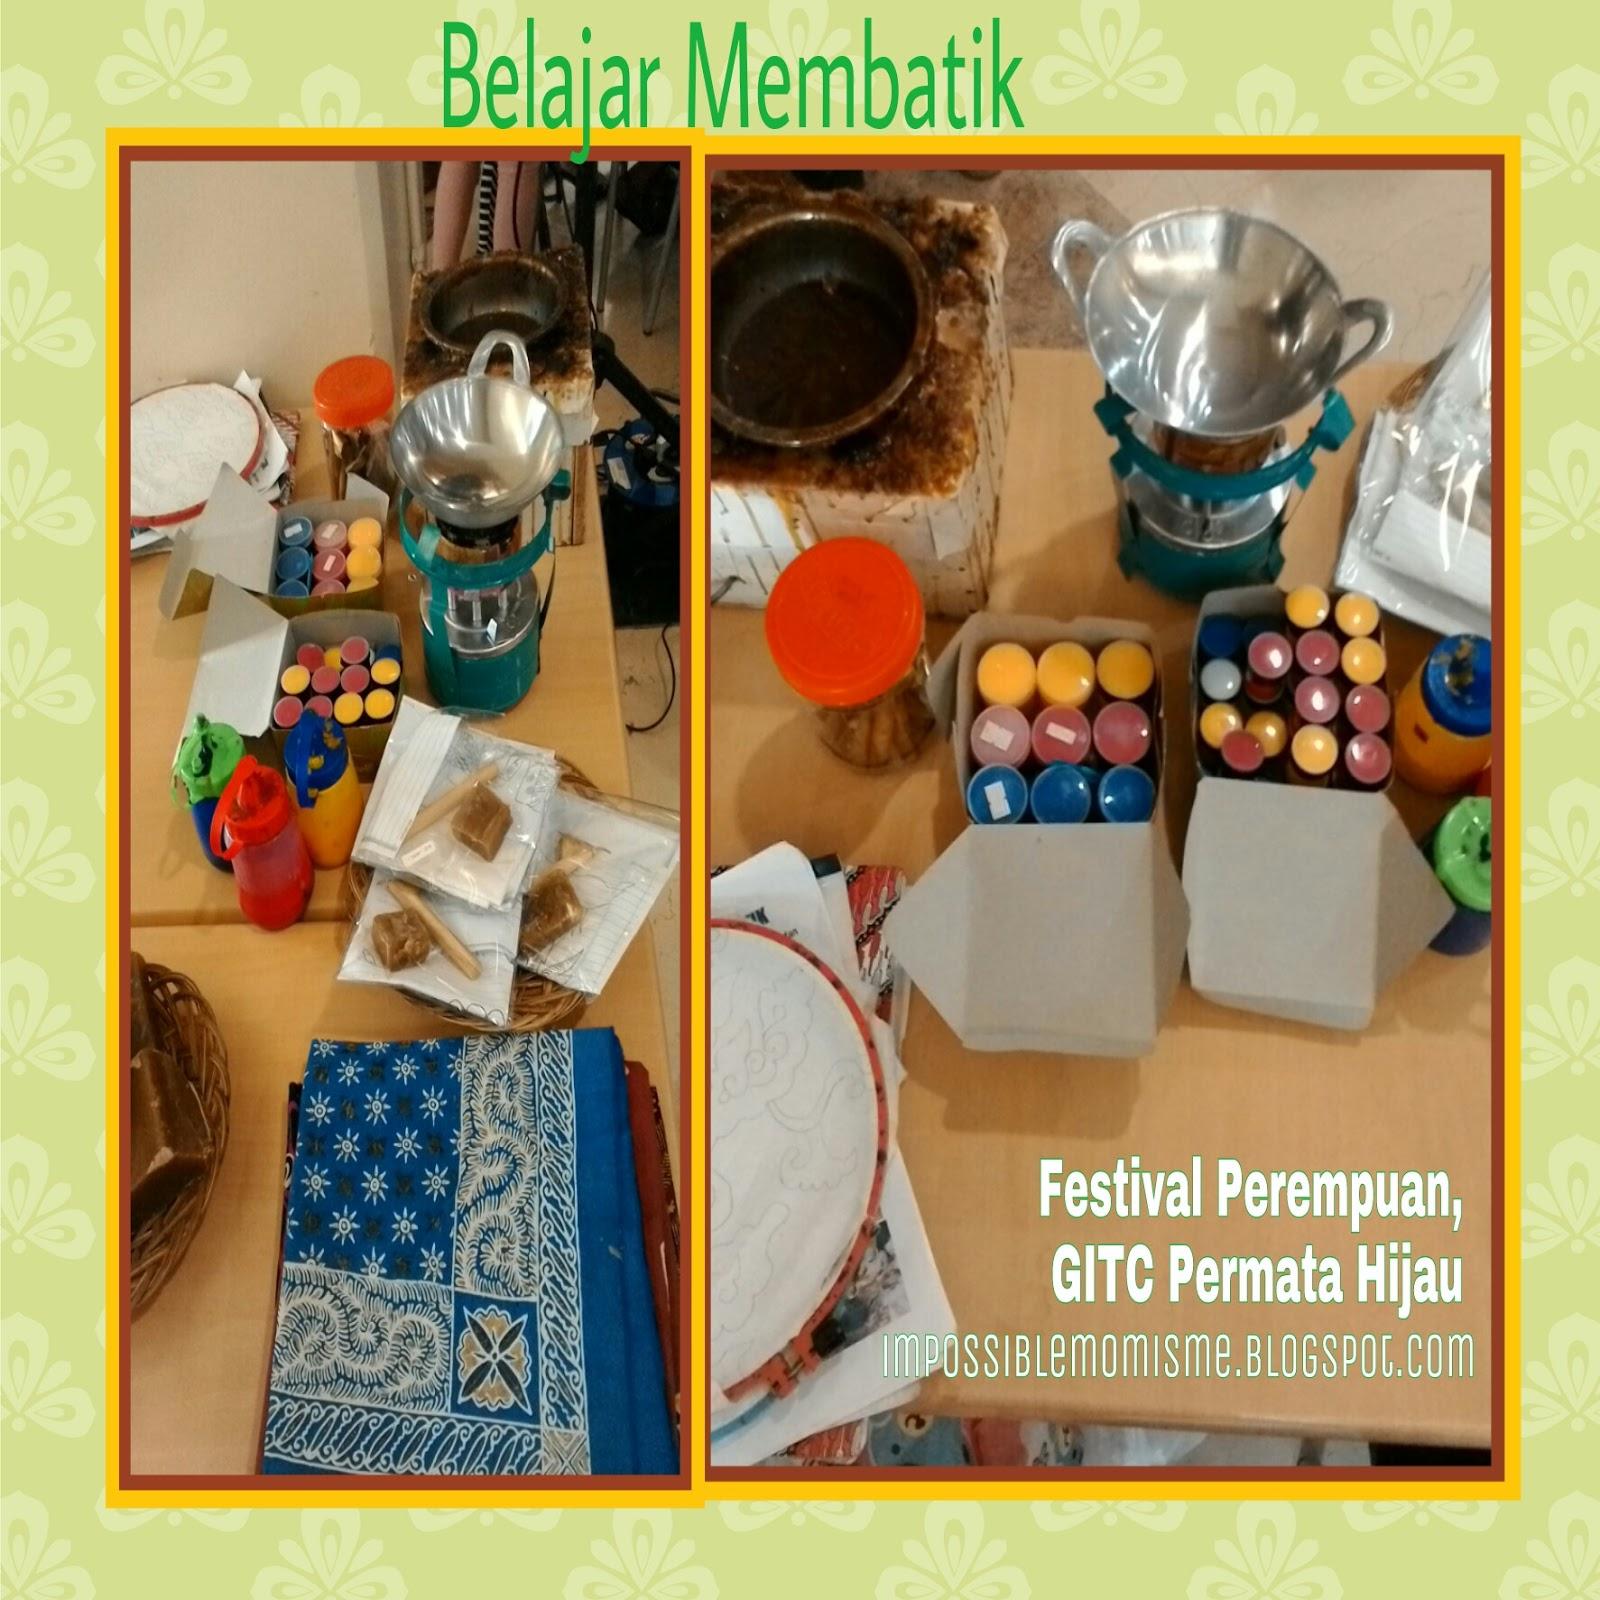 Festival Perempuan, Berkarya Bersama Bagai Permata